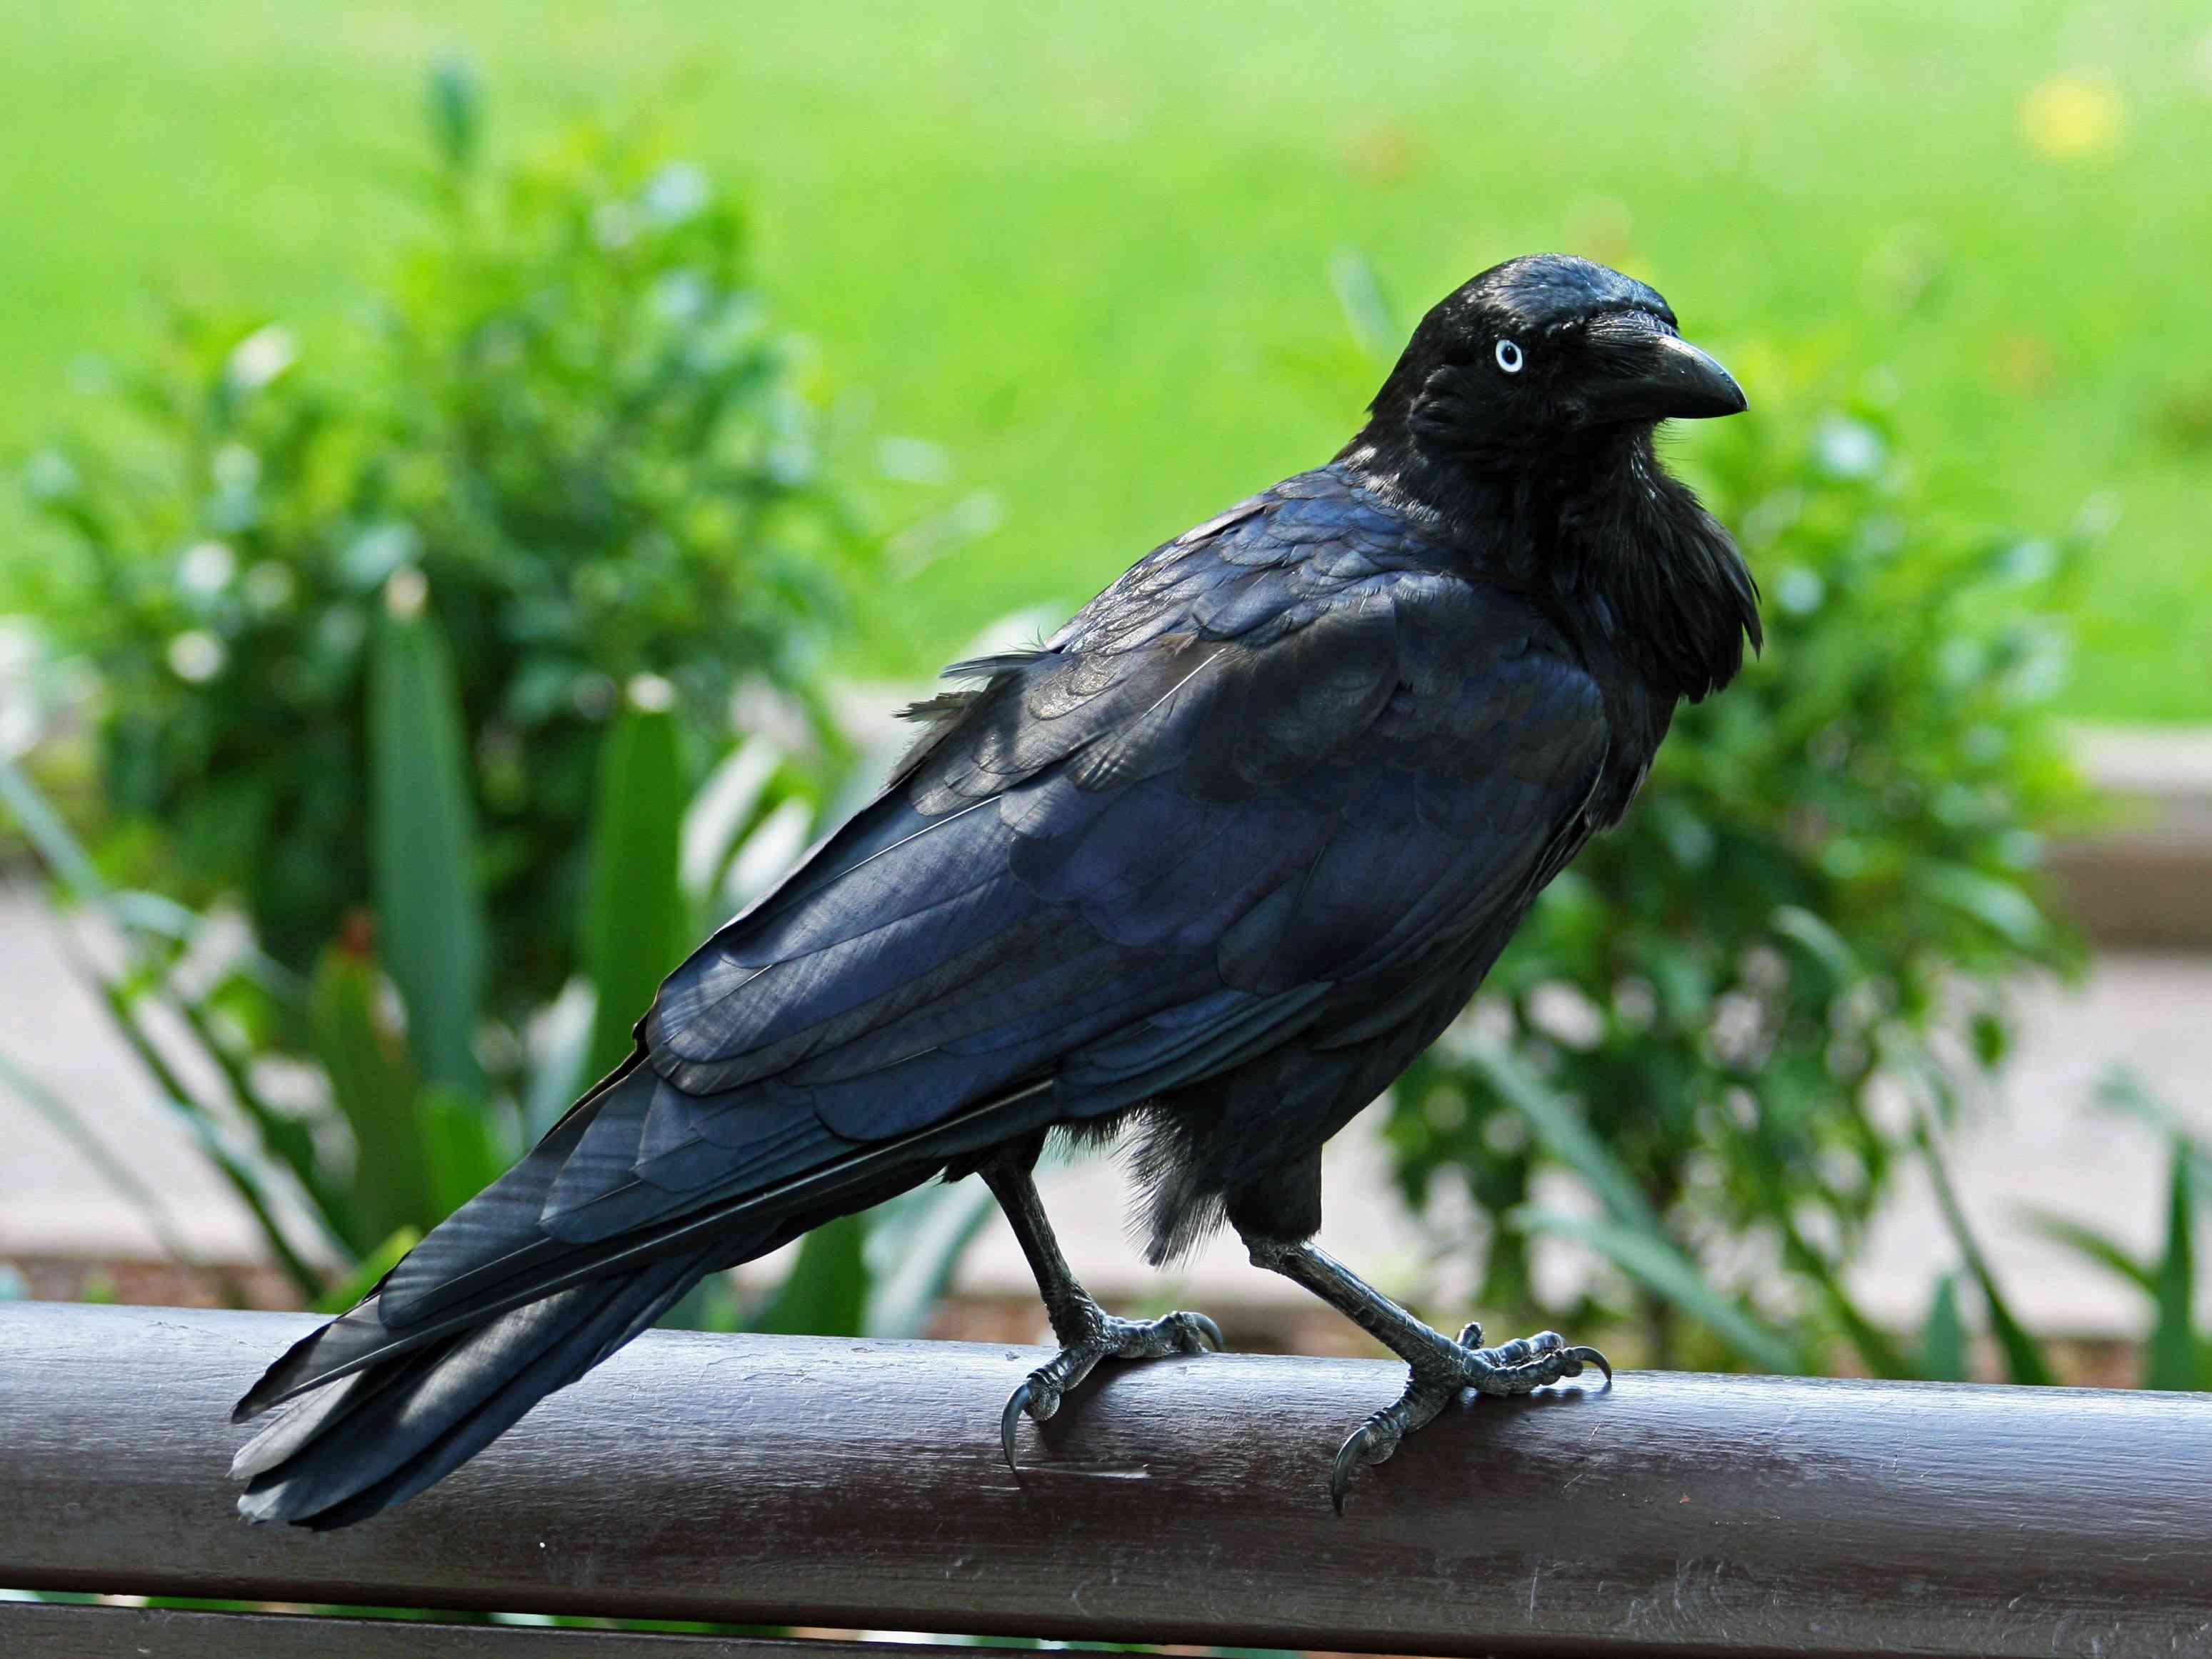 An Australian raven perched on a rail